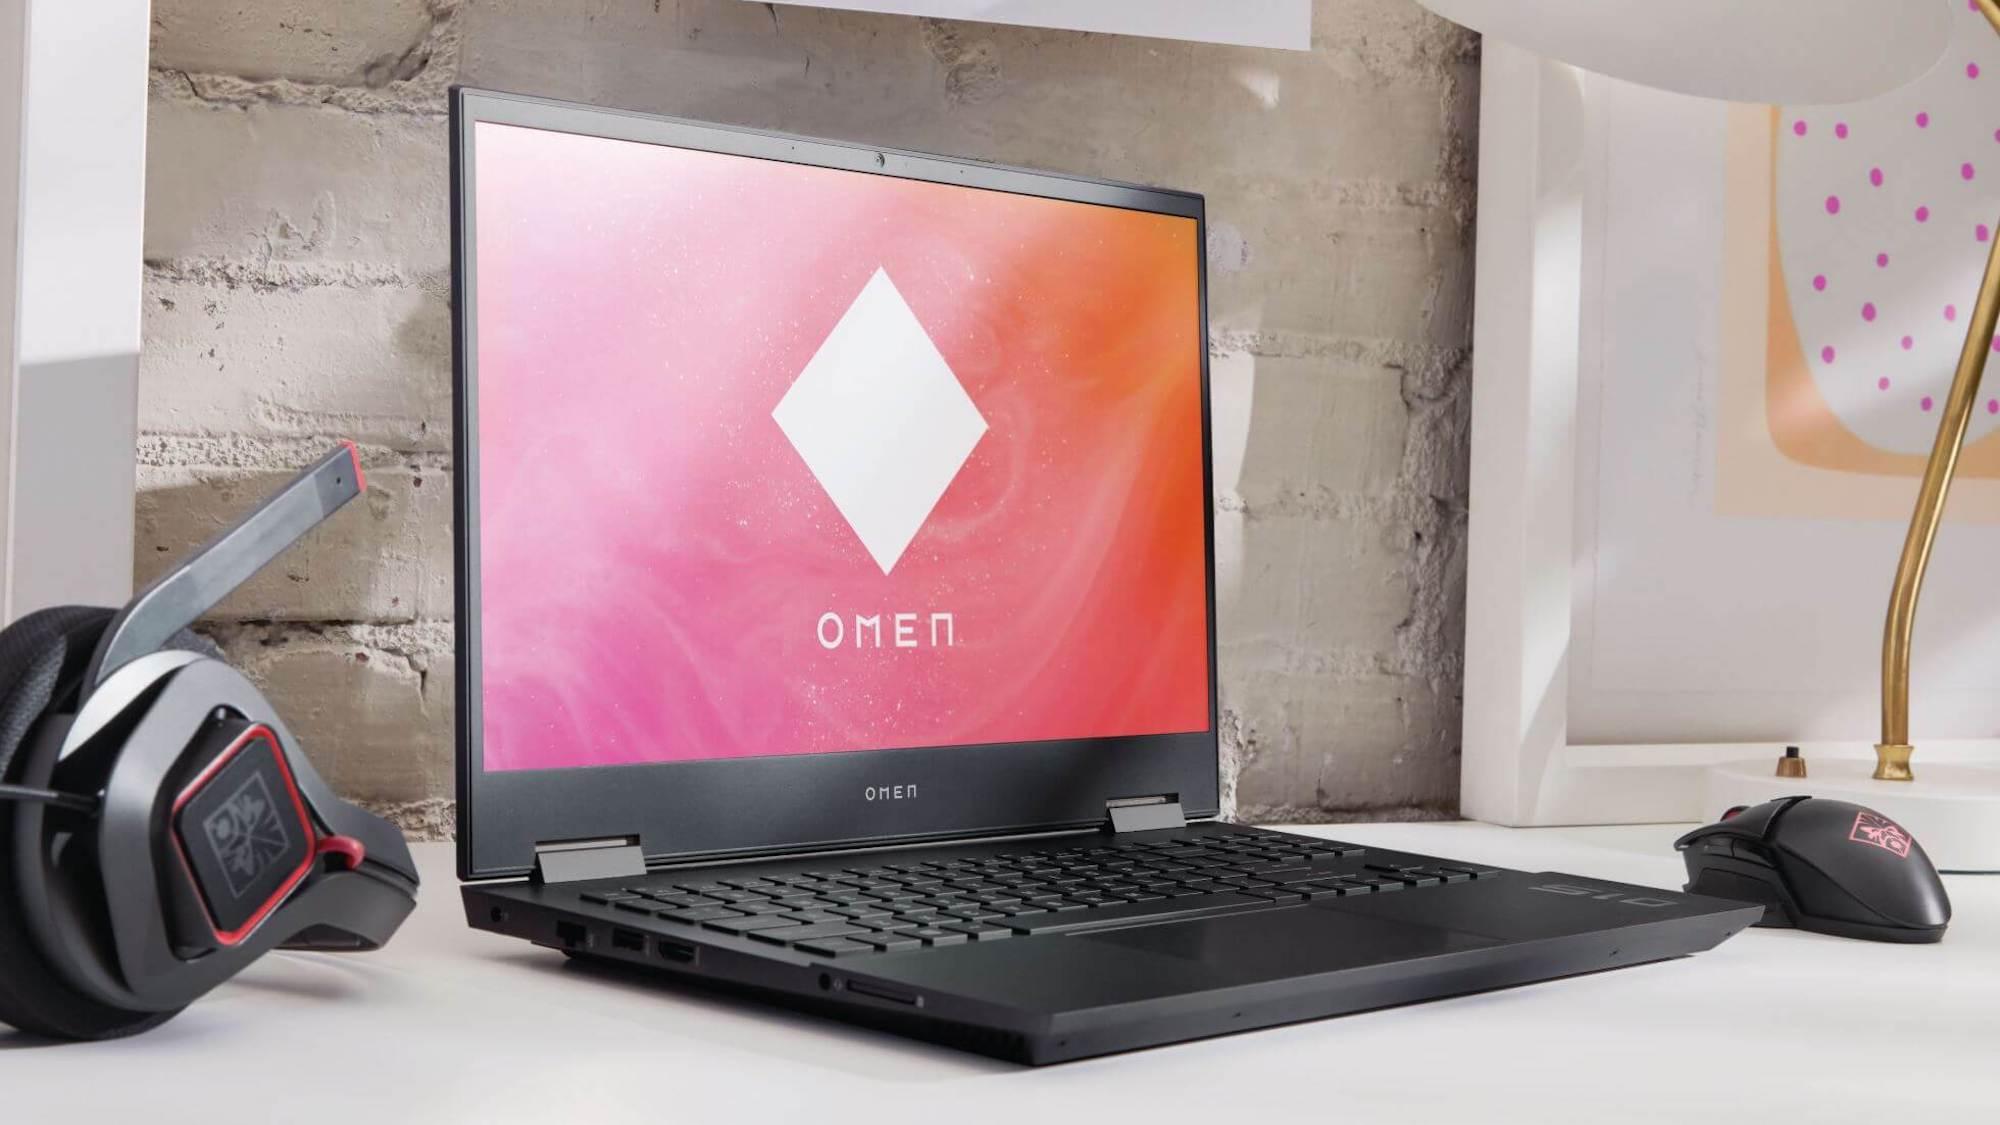 HP-OMEN-15-2020-Version-Gaming-Laptop-01.jpg